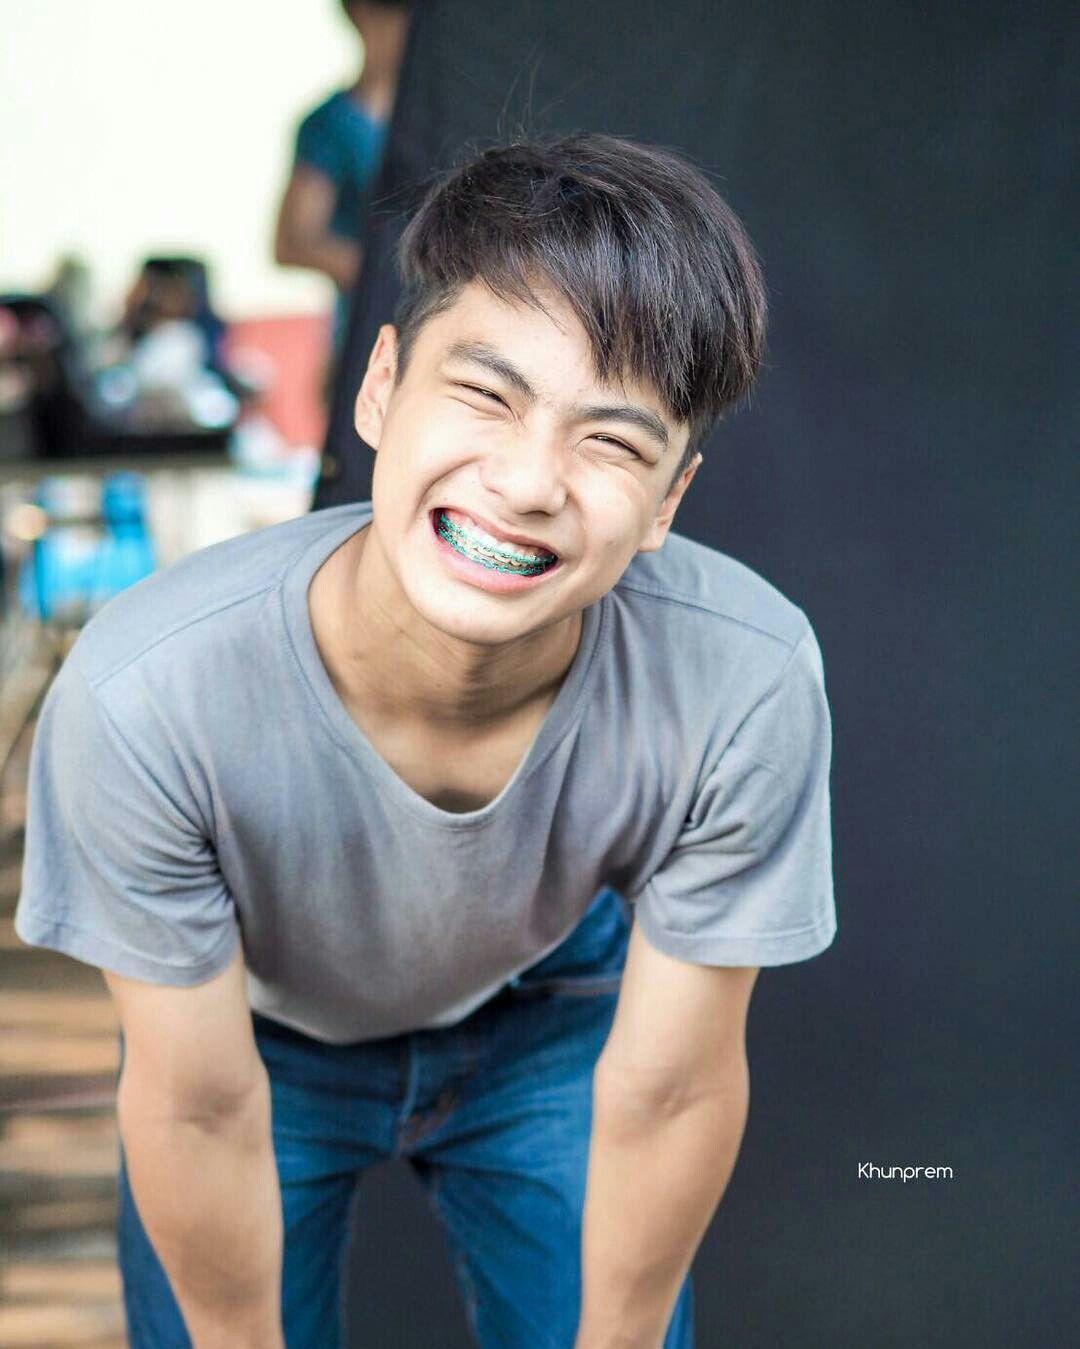 Pin von Jeaniie Hyun auf Ohm Pawat #MR.SMILE | Pinterest